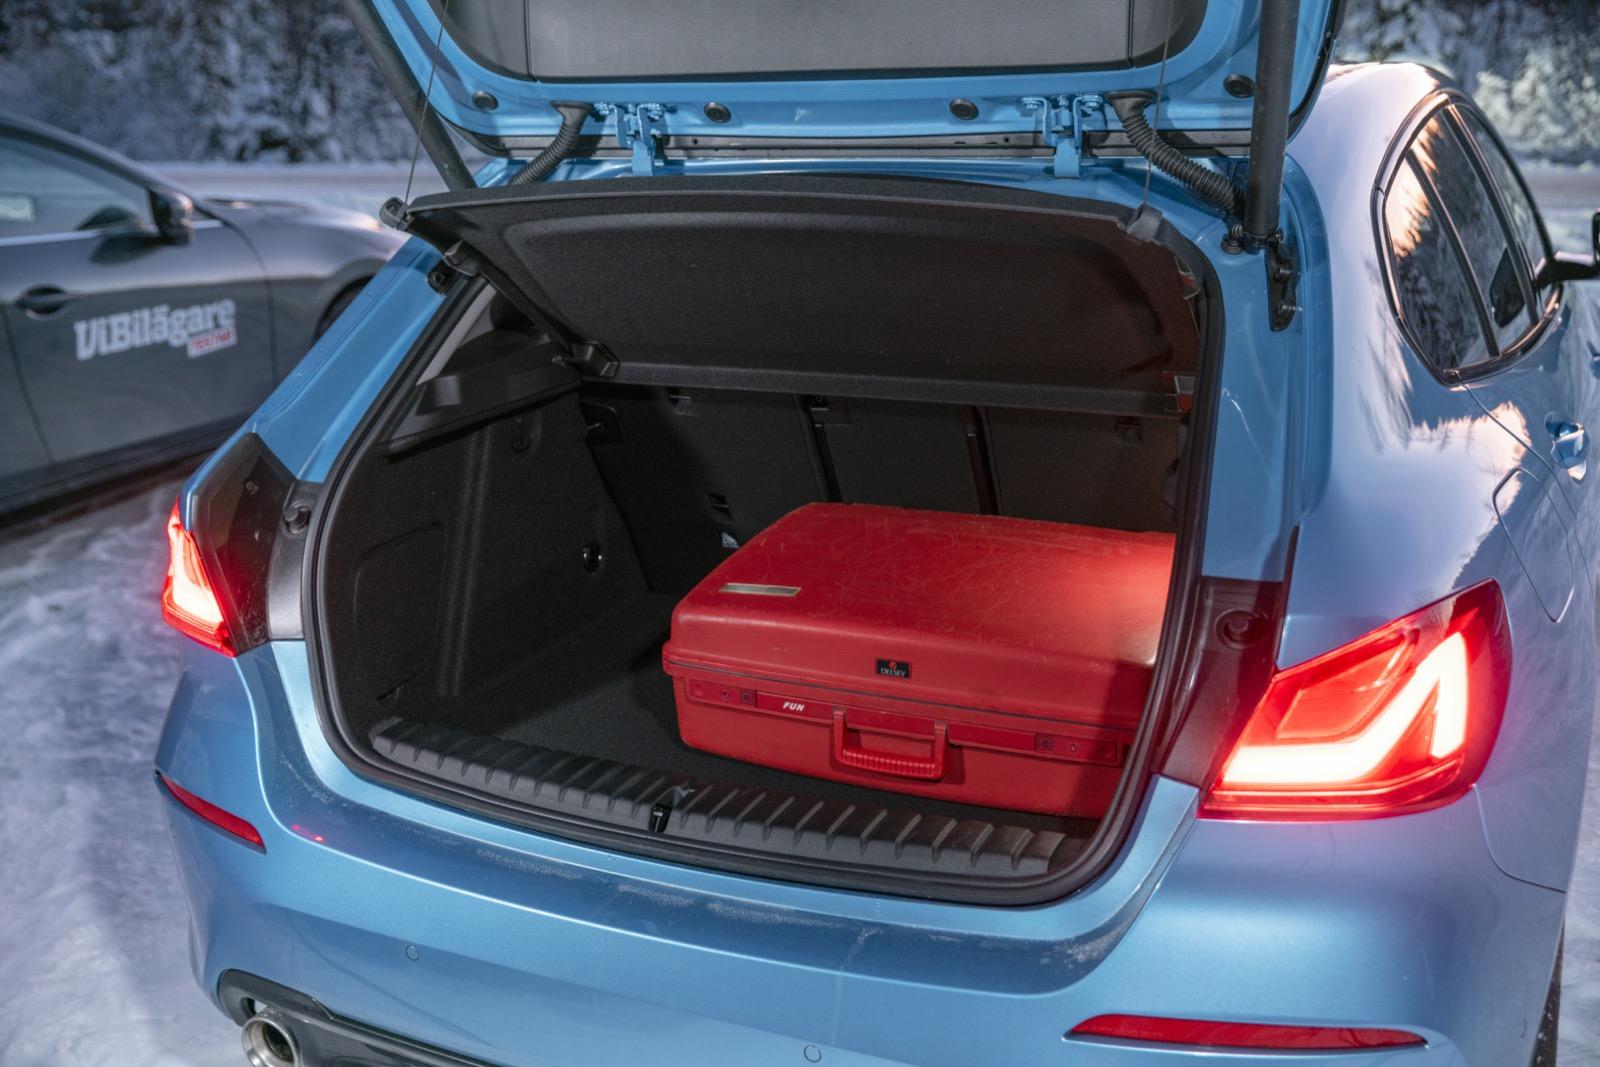 BMW: Kortast lastgolv men störst volym enligt VDA-normen (380 liter). Med drivhjulen fram ges en stor lastbalja under bagagegovlet.